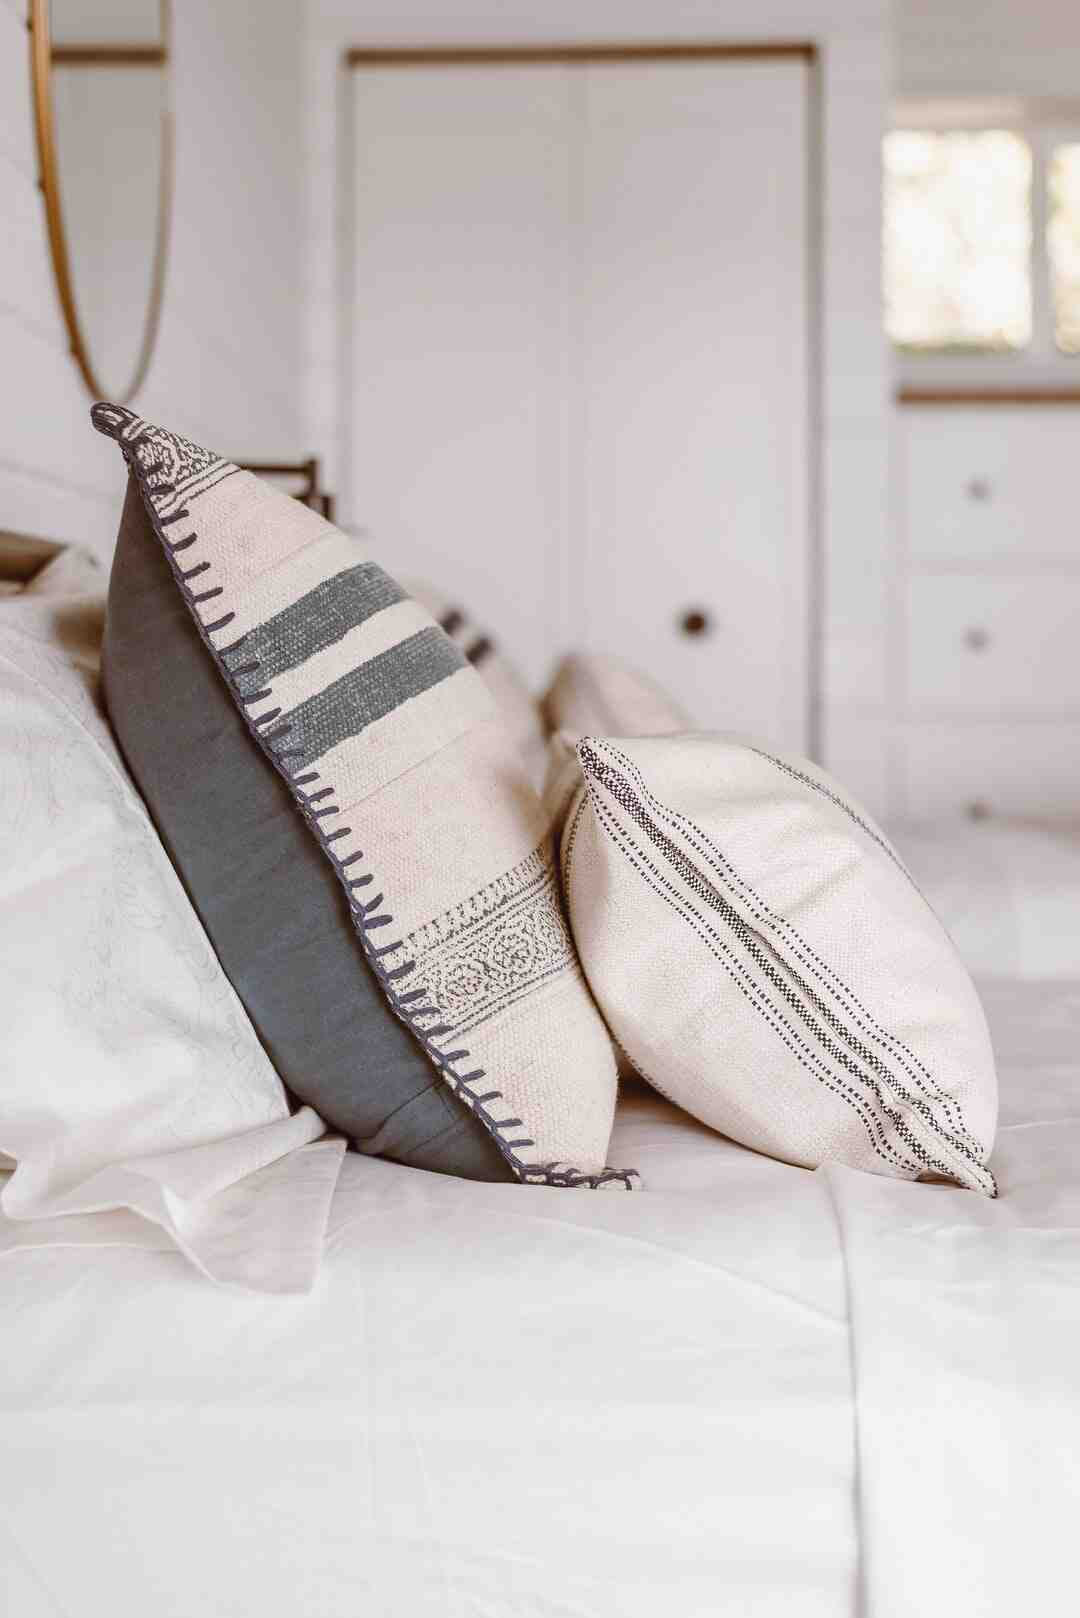 Comment faire bouffer les oreillers